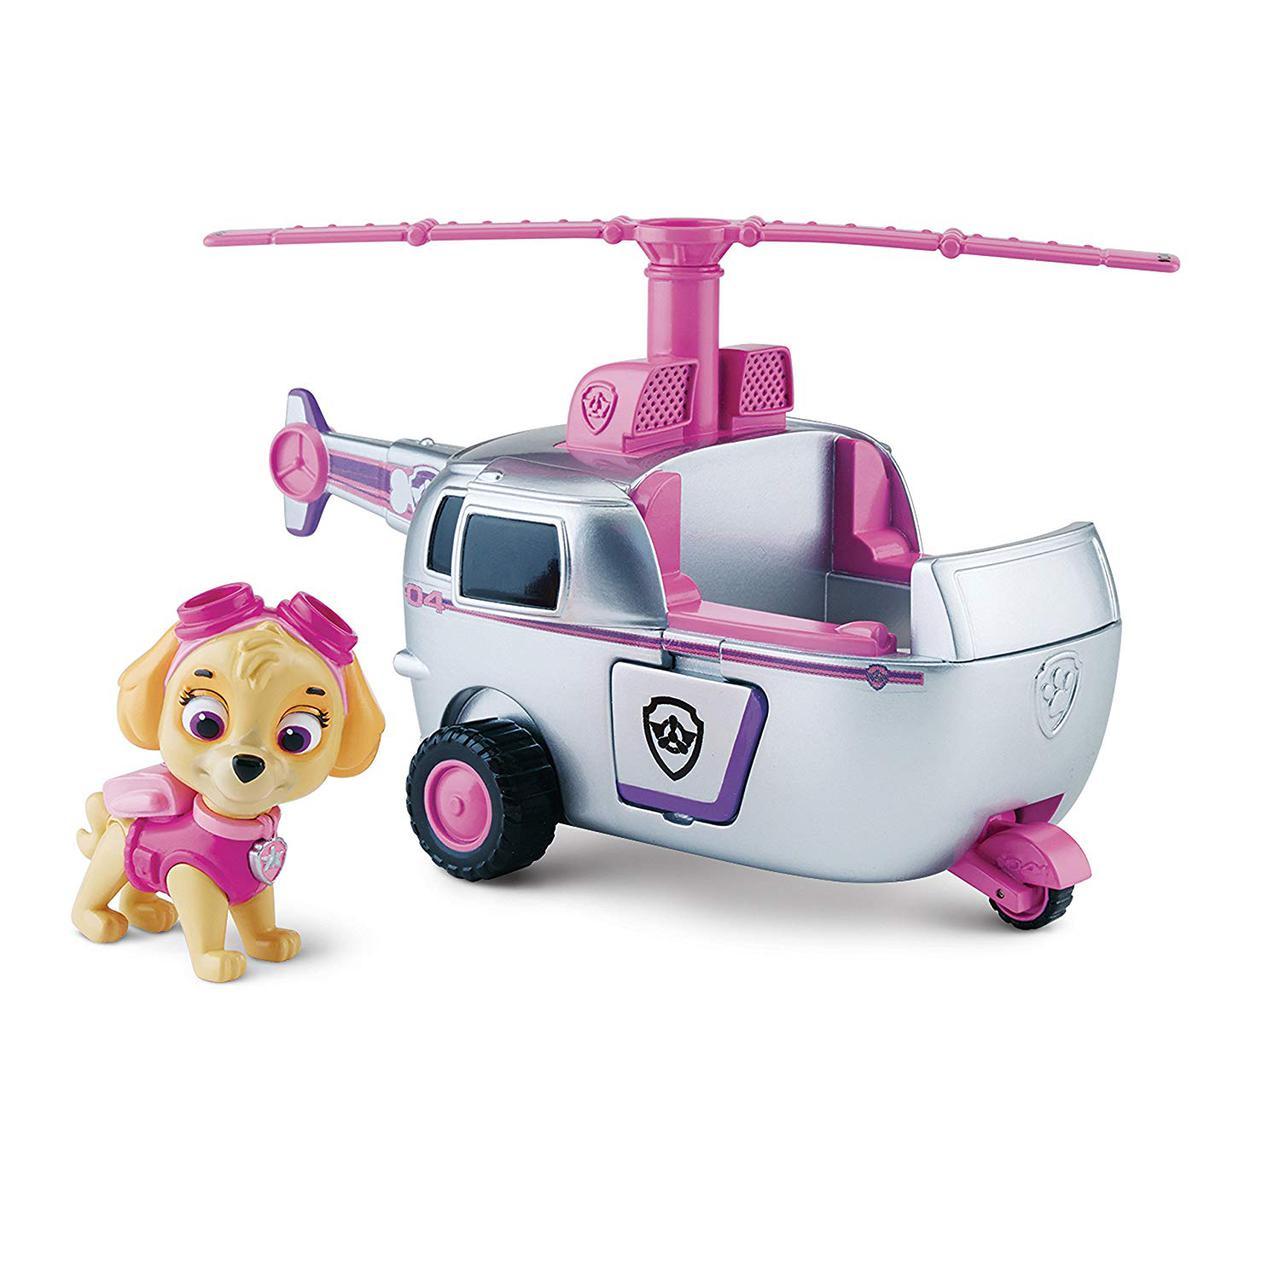 Spin Master Paw Patrol Щенячий патруль спасательный вертолет с фигурко